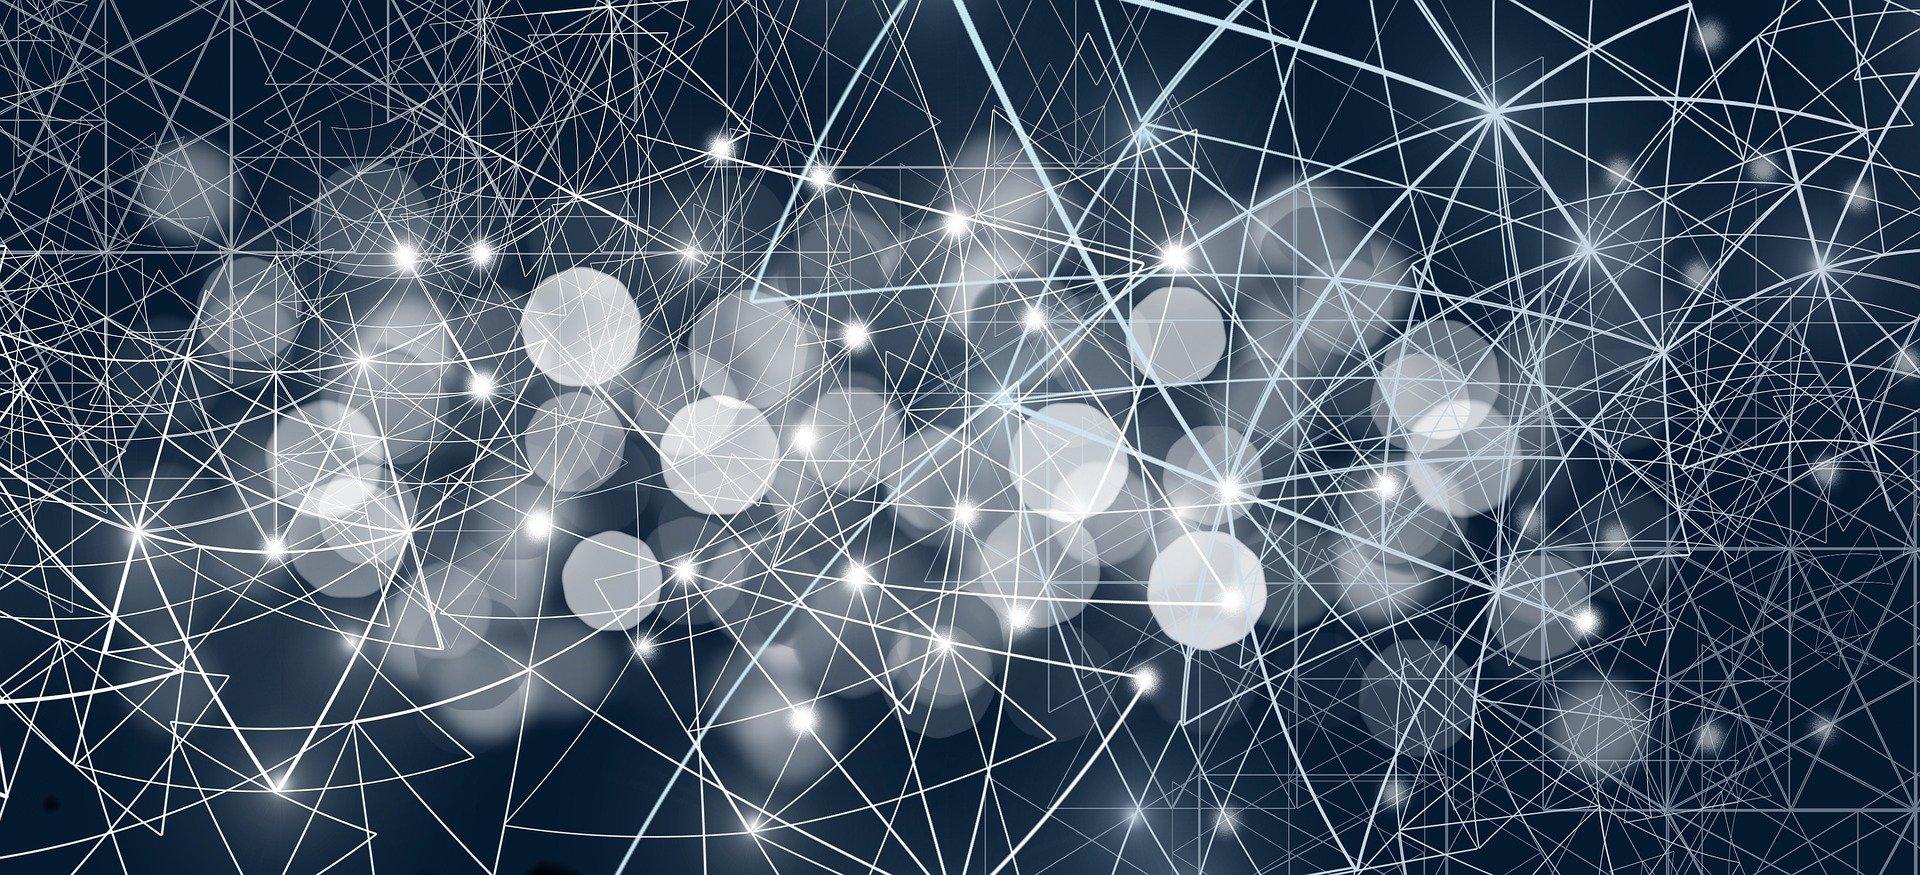 ذكاء الأعمال – ما هو بالضبط ولماذا هو مهم في الأعمال التجارية؟